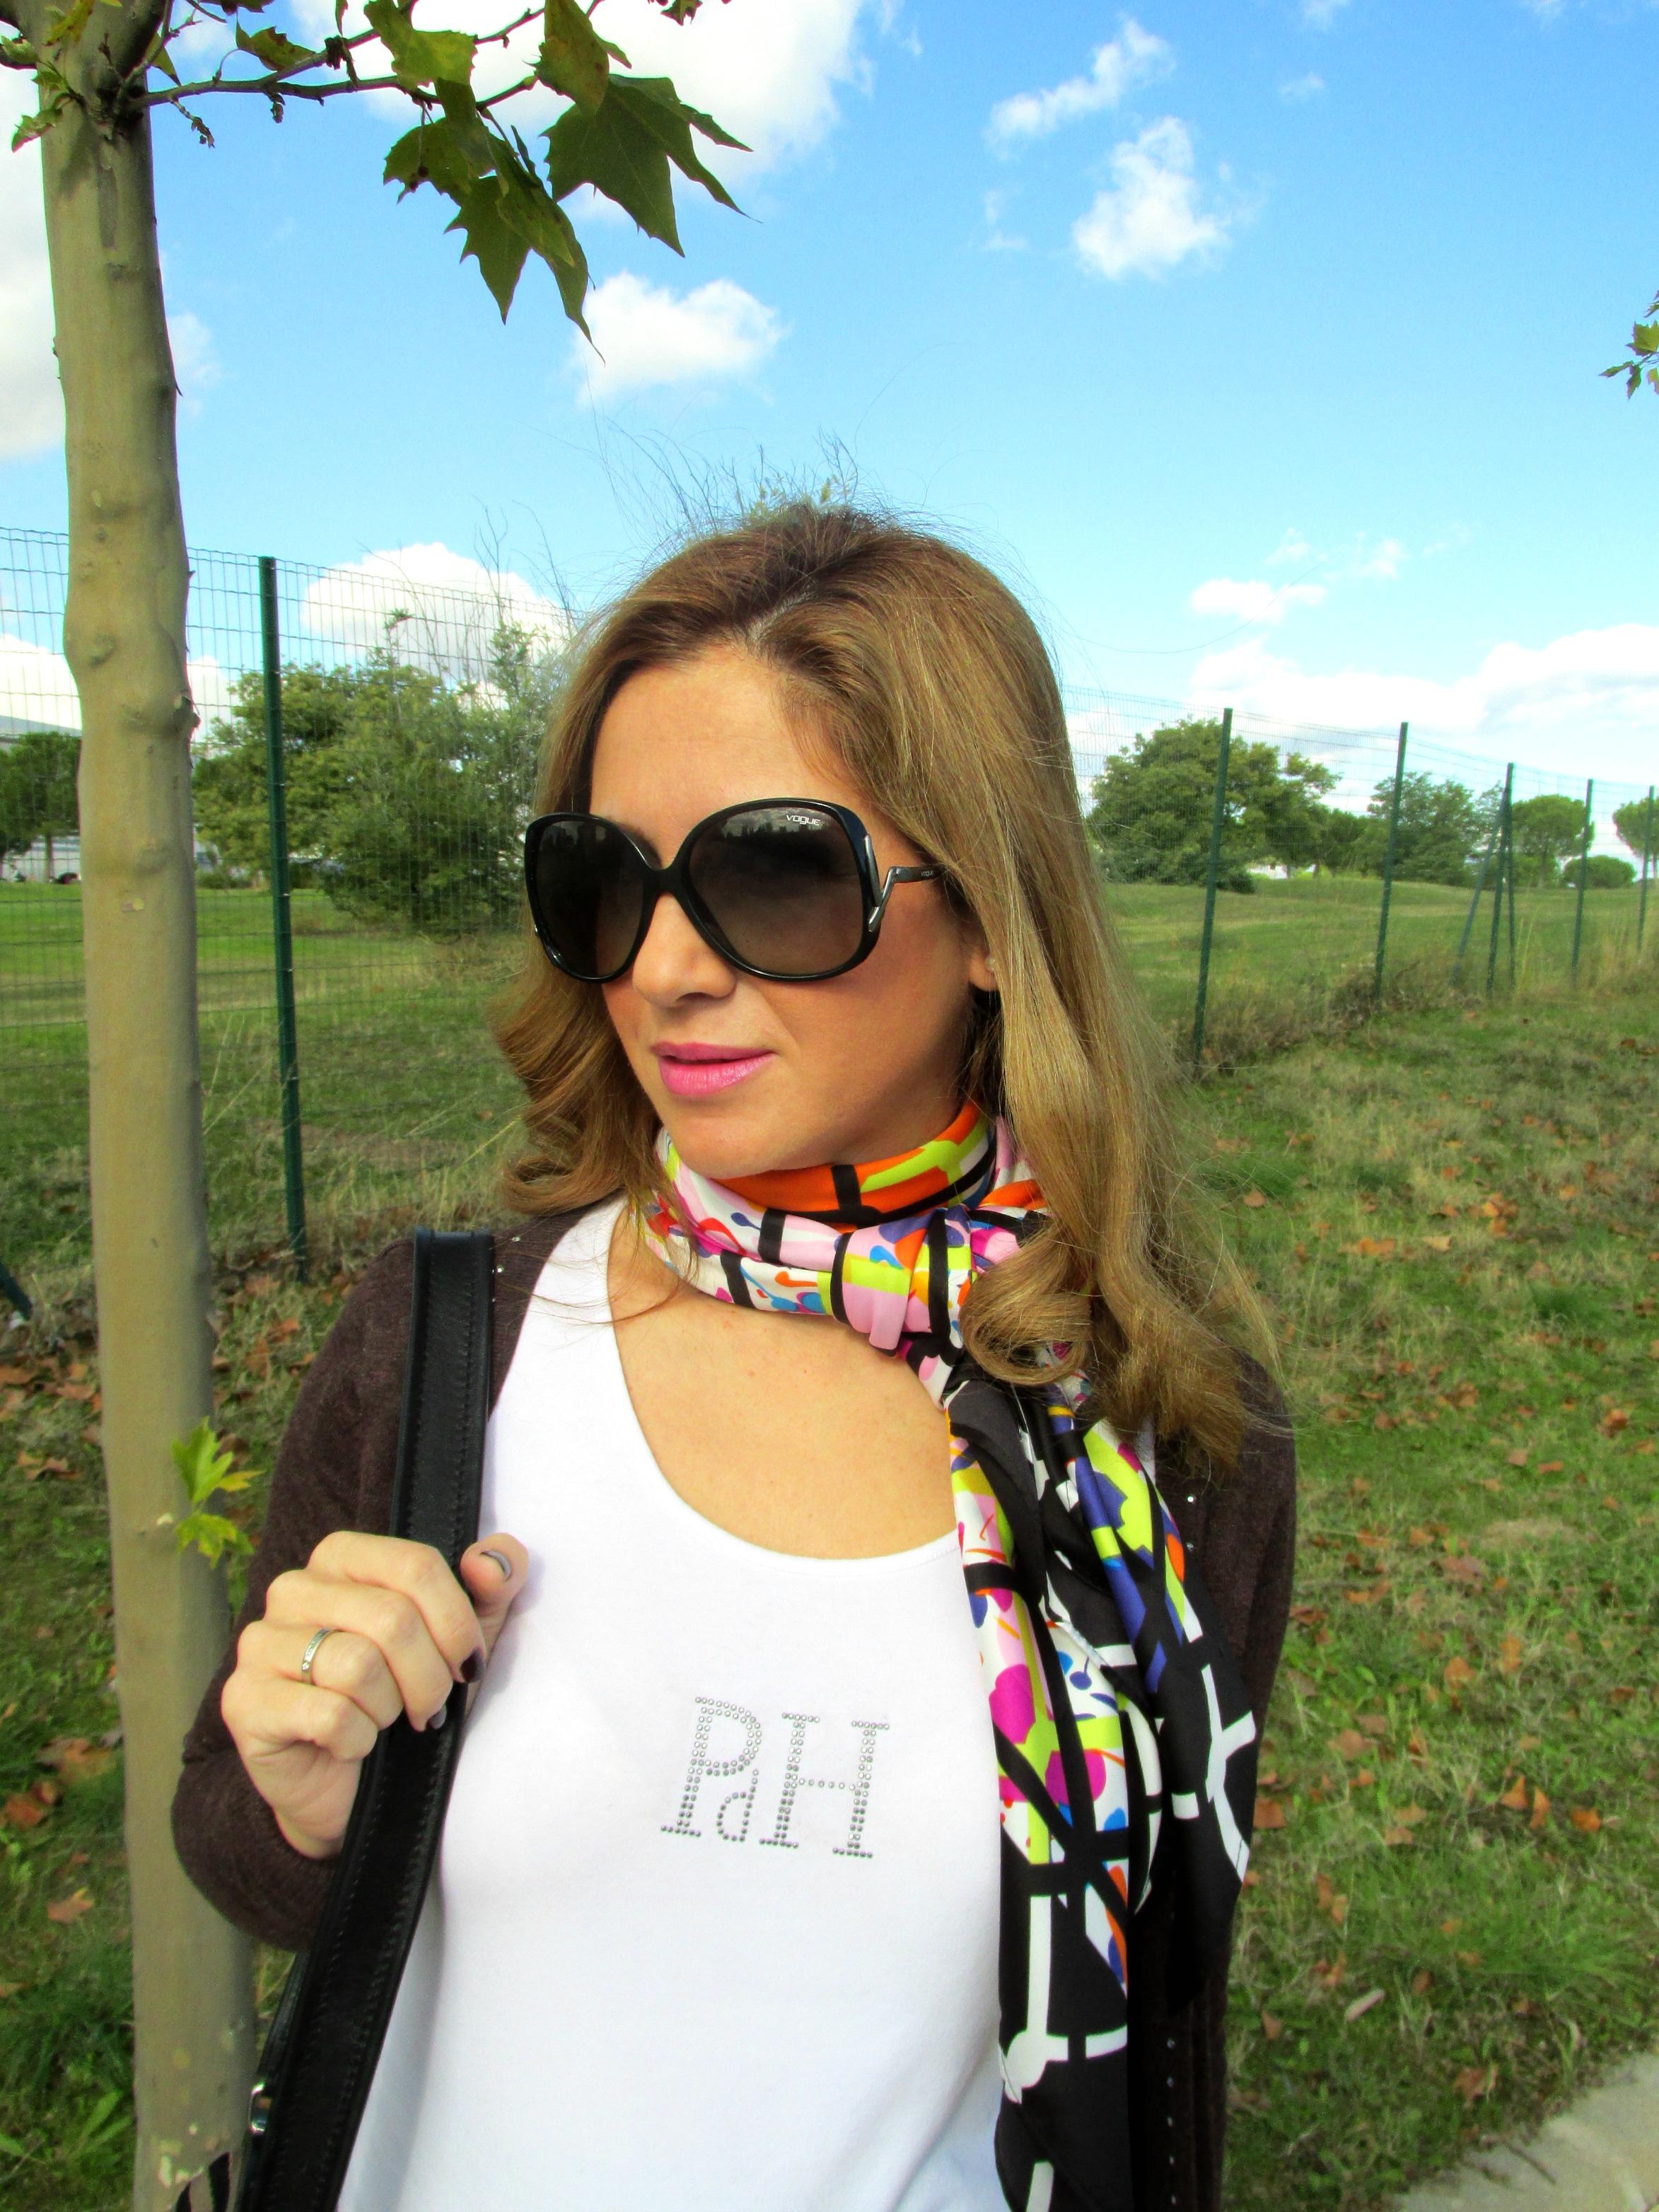 salon look fashion blog 3